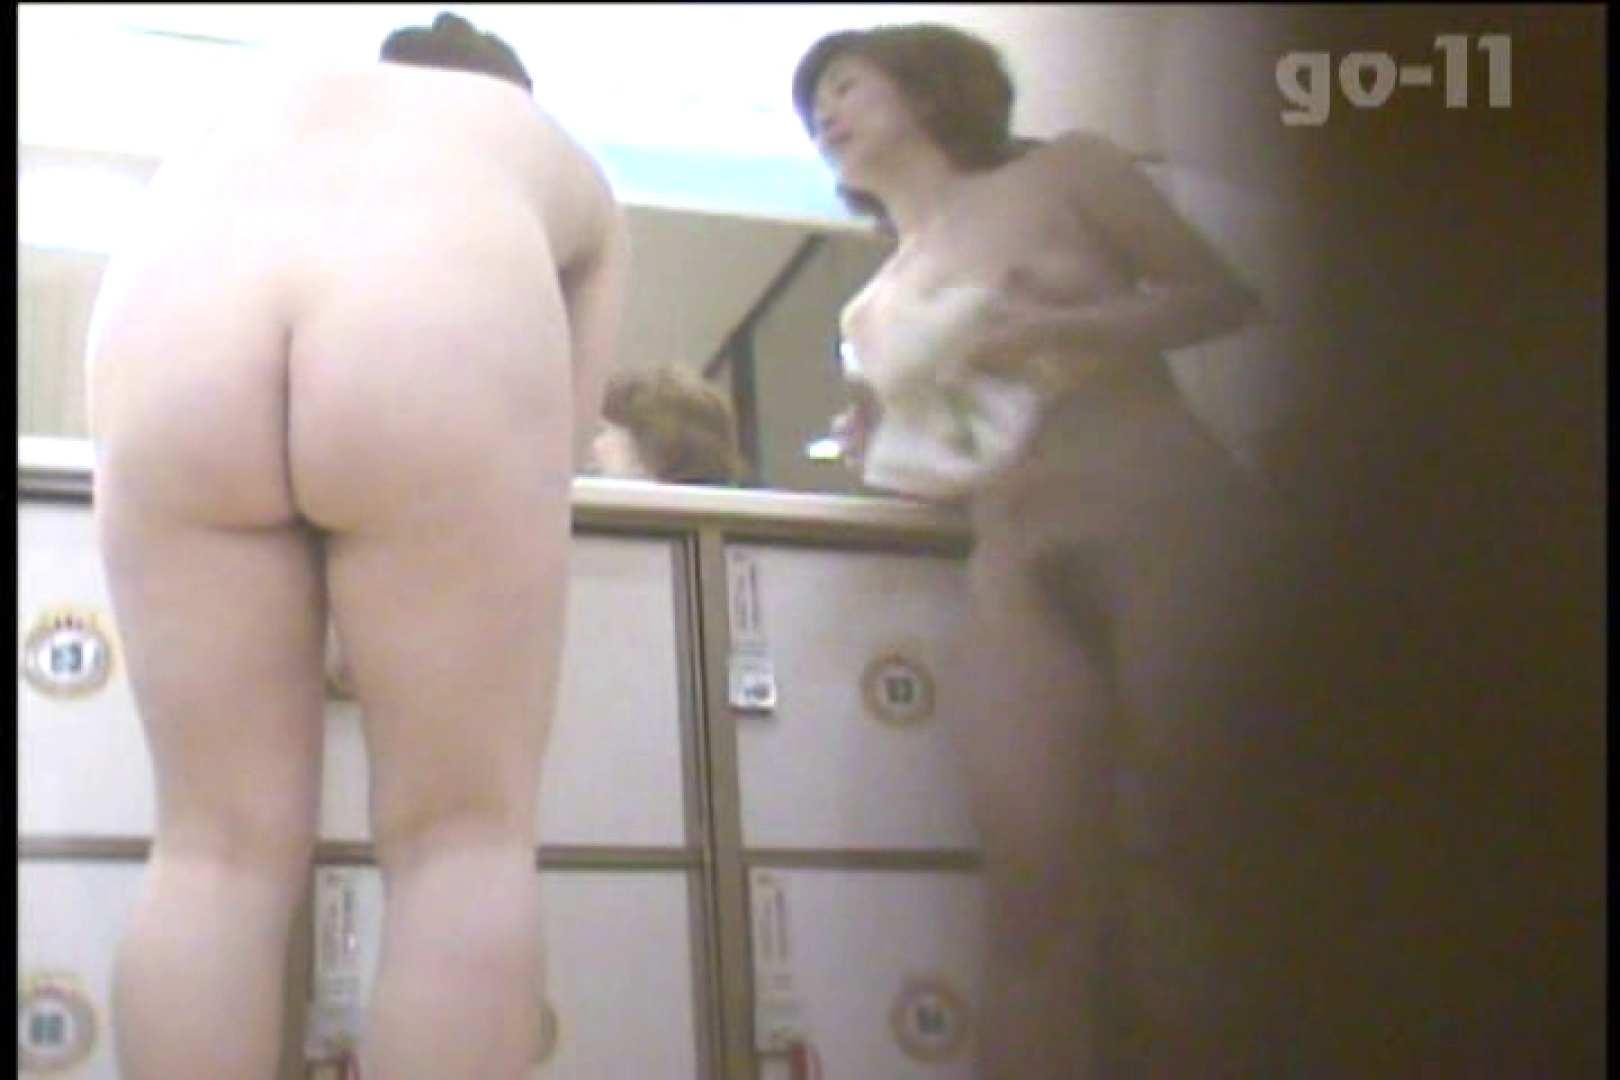 無修正ヌード 電波カメラ設置浴場からの防HAN映像 Vol.11 怪盗ジョーカー